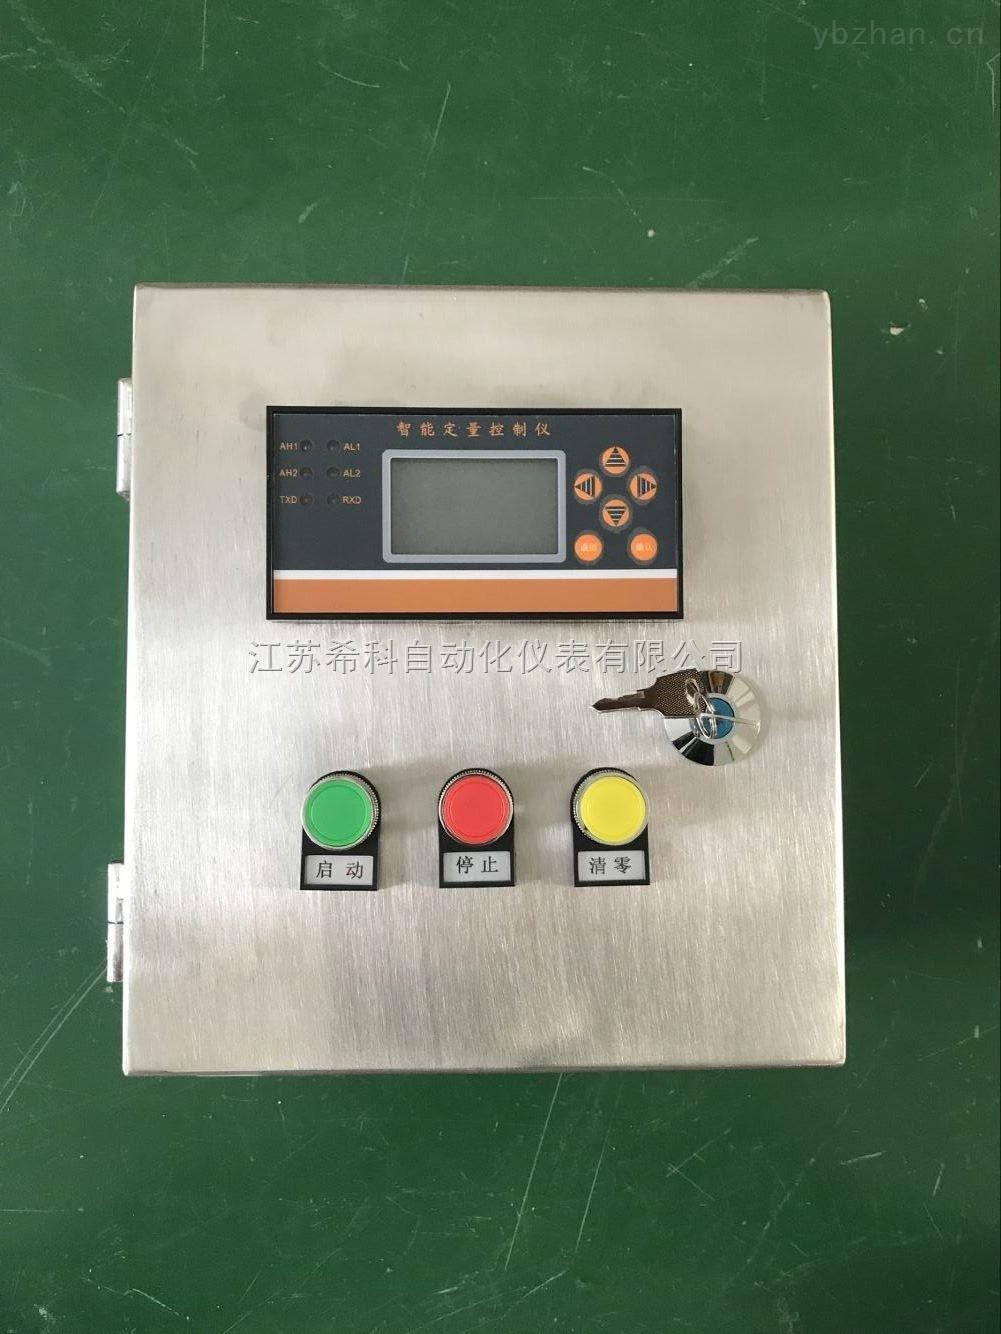 流量定量发料控制仪